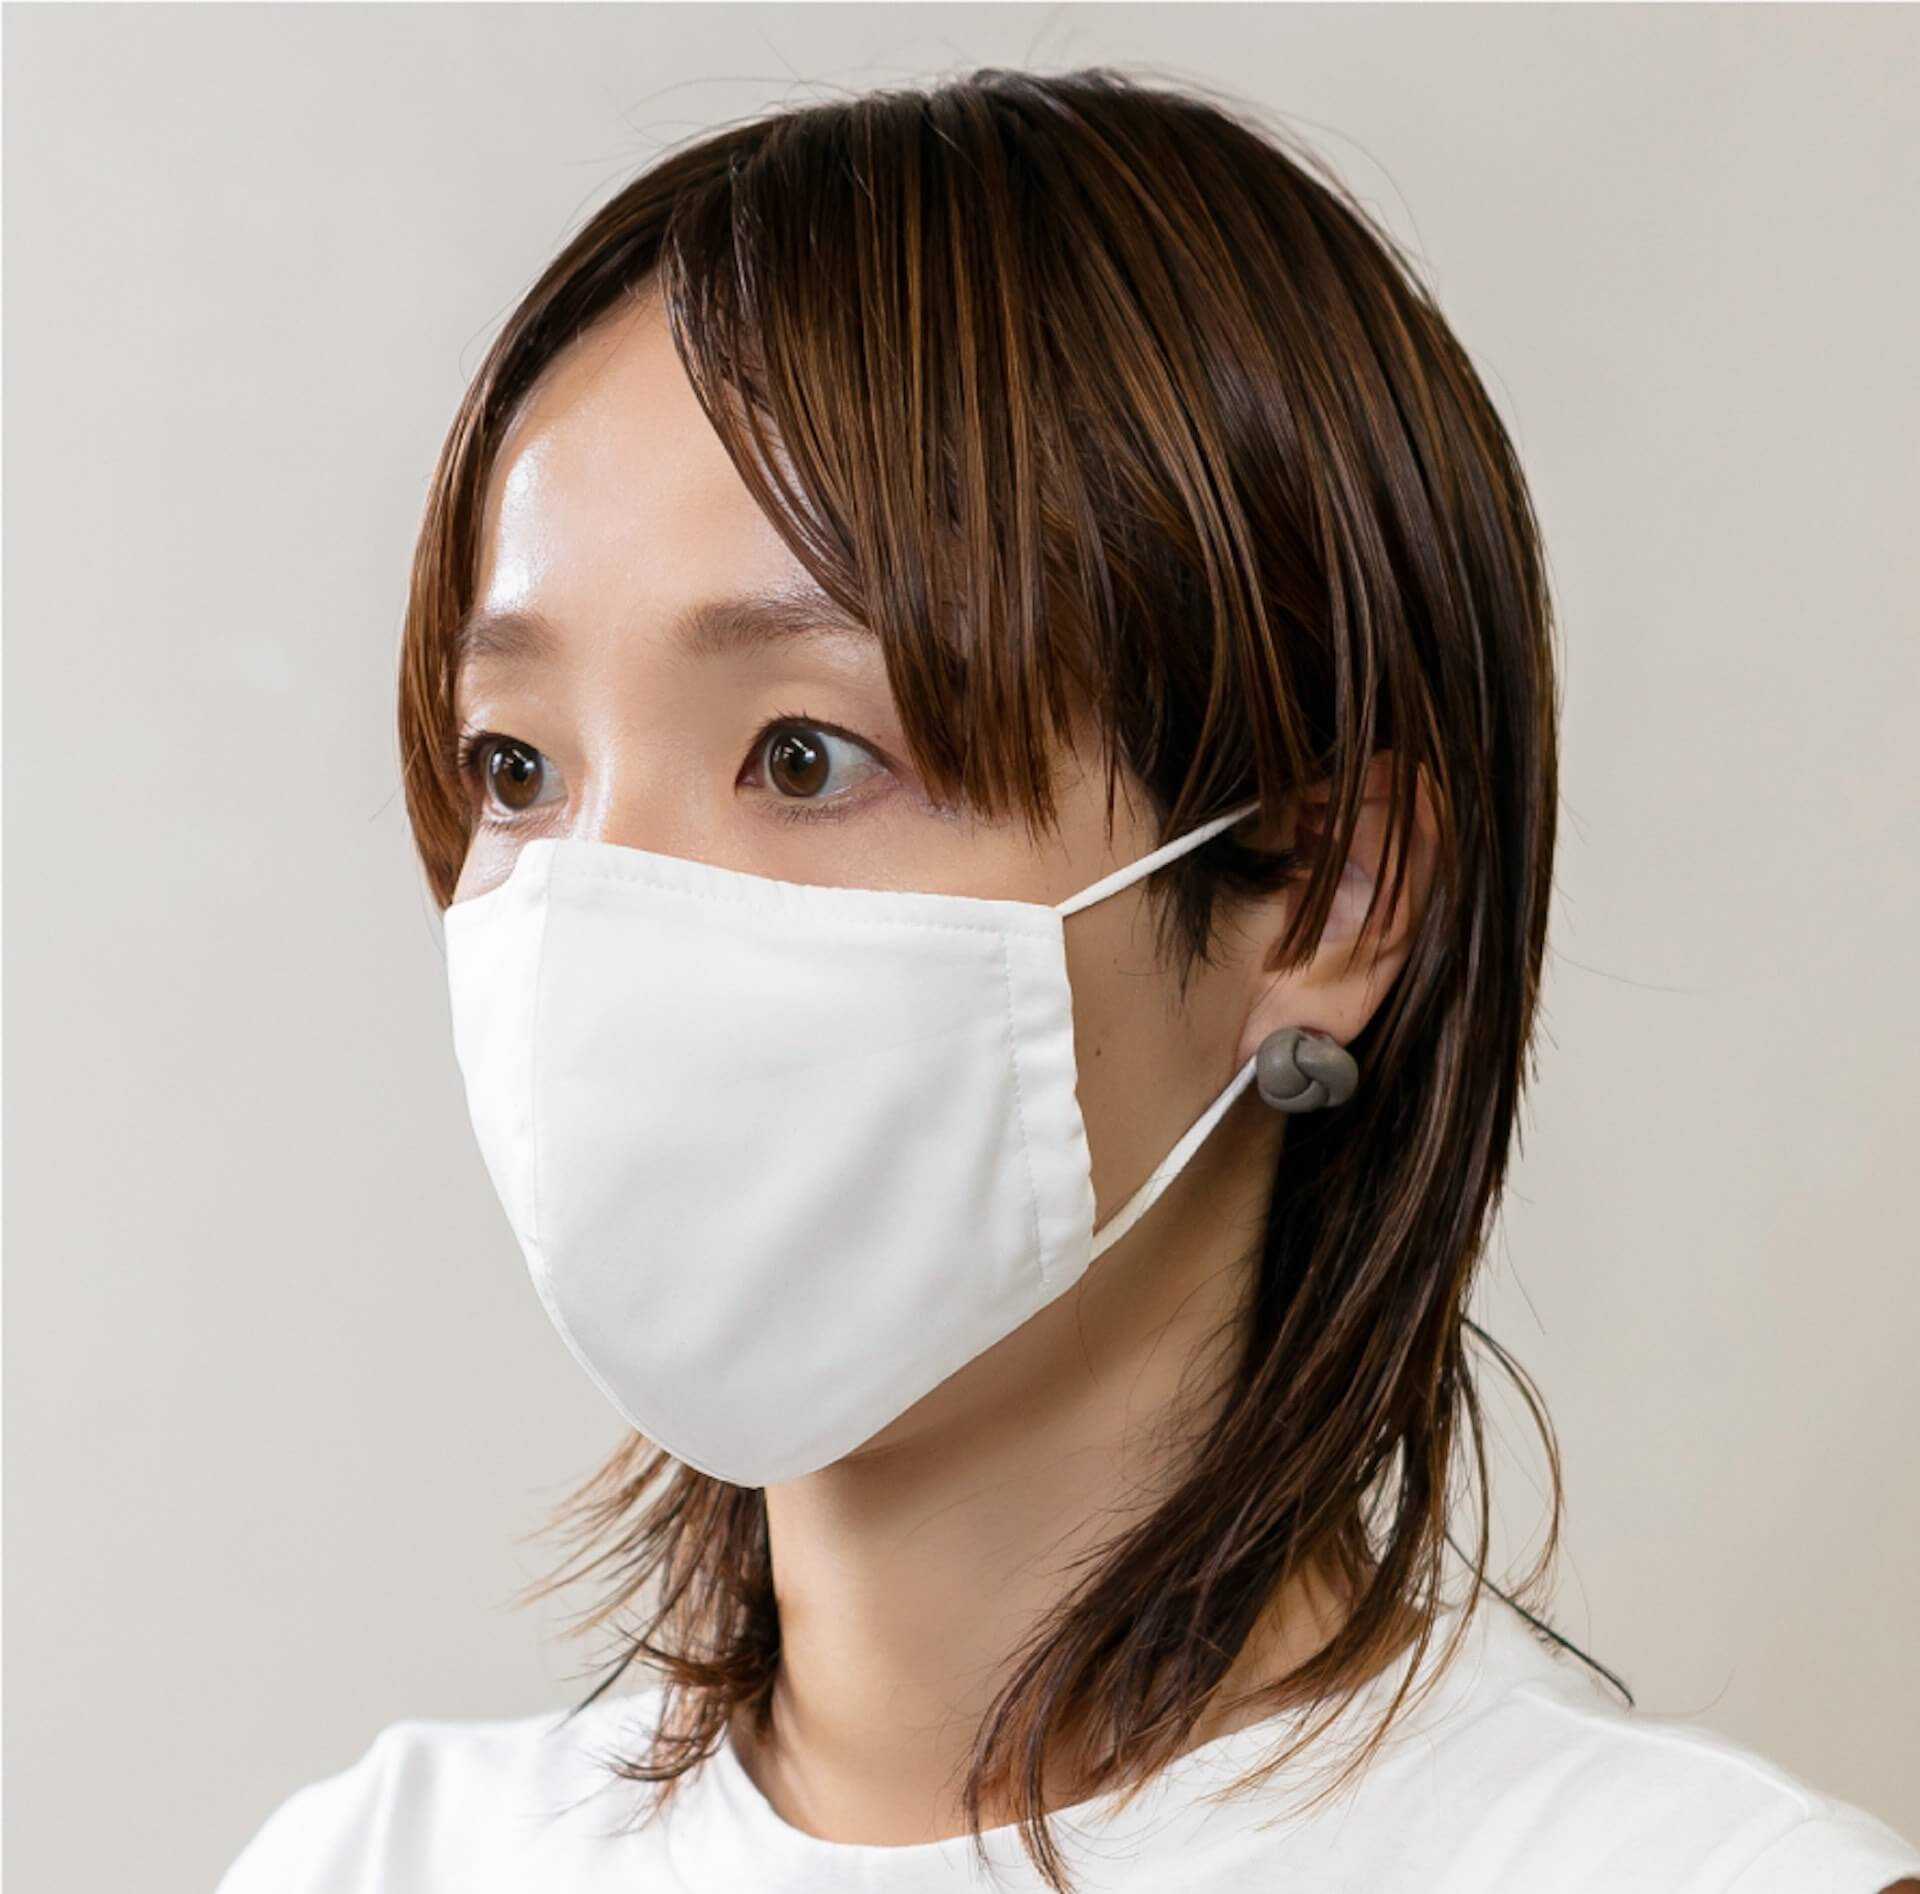 SONOのマスクにメイクの汚れを解消するベージュの新色が登場!抗菌・UVプロテクトマスクも予約受付中 lf200706_sono_mask_07